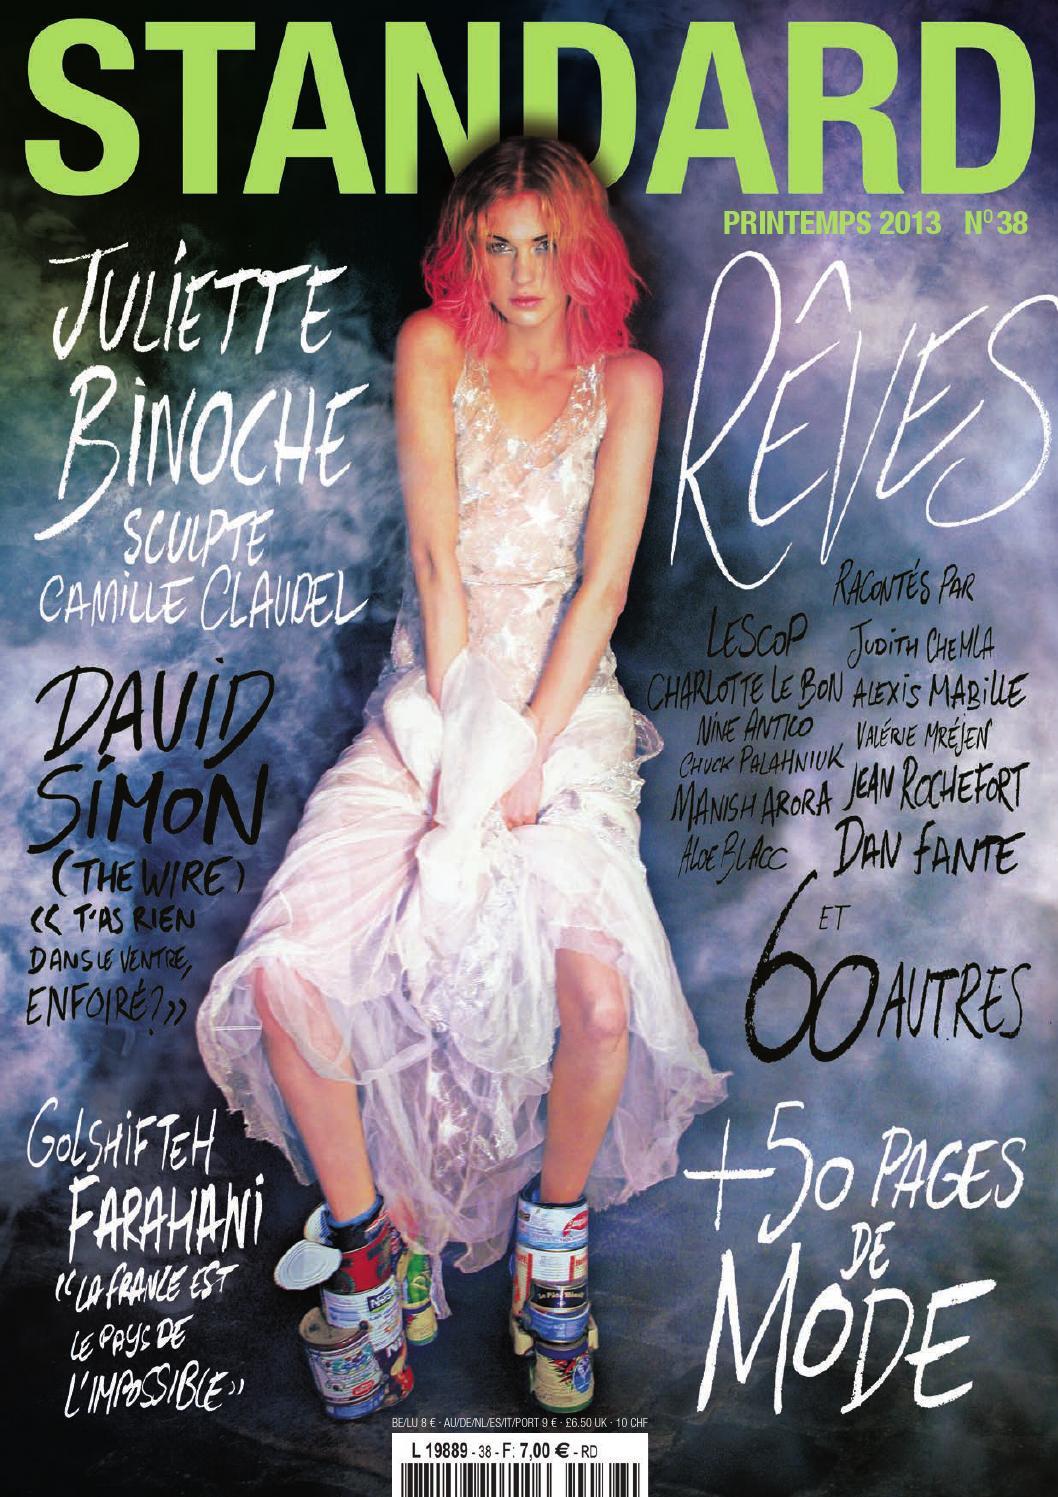 A Retenu Ulysse Bien Avant Belafonte : retenu, ulysse, avant, belafonte, Standard, N°38, STANDARD, Issuu